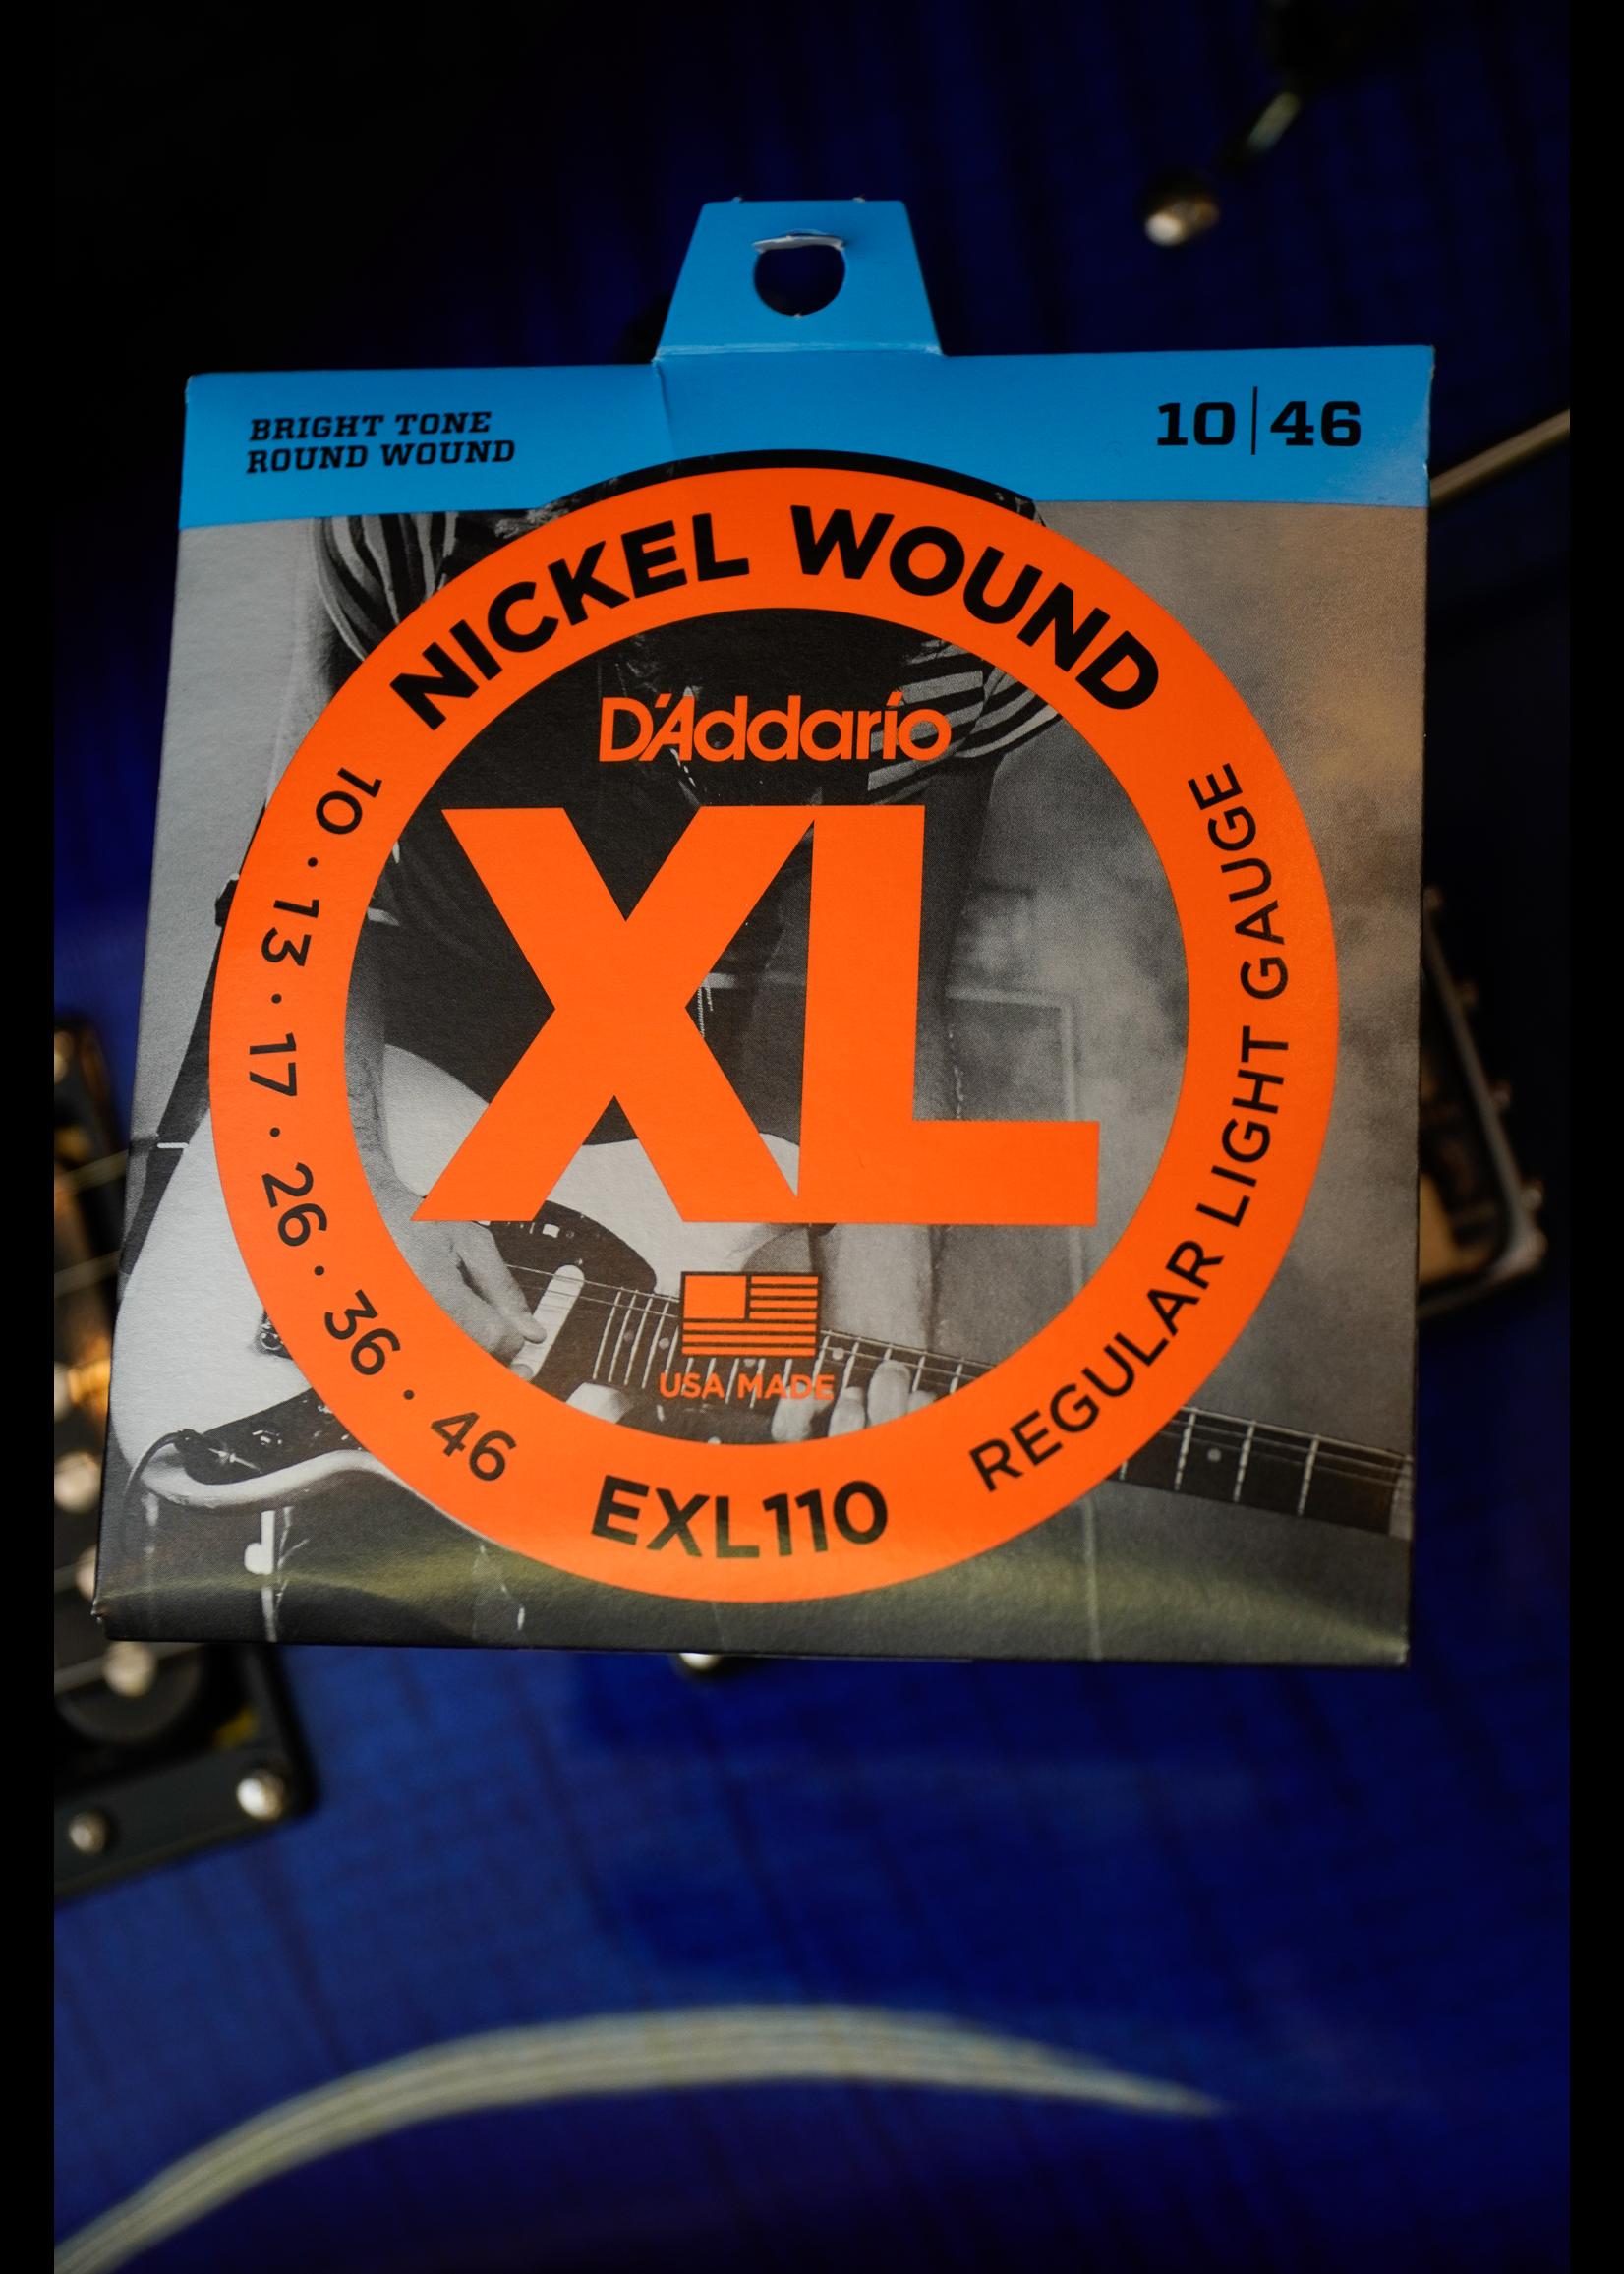 d'addario D'Addario 10-46 Regular Light, XL Nickel